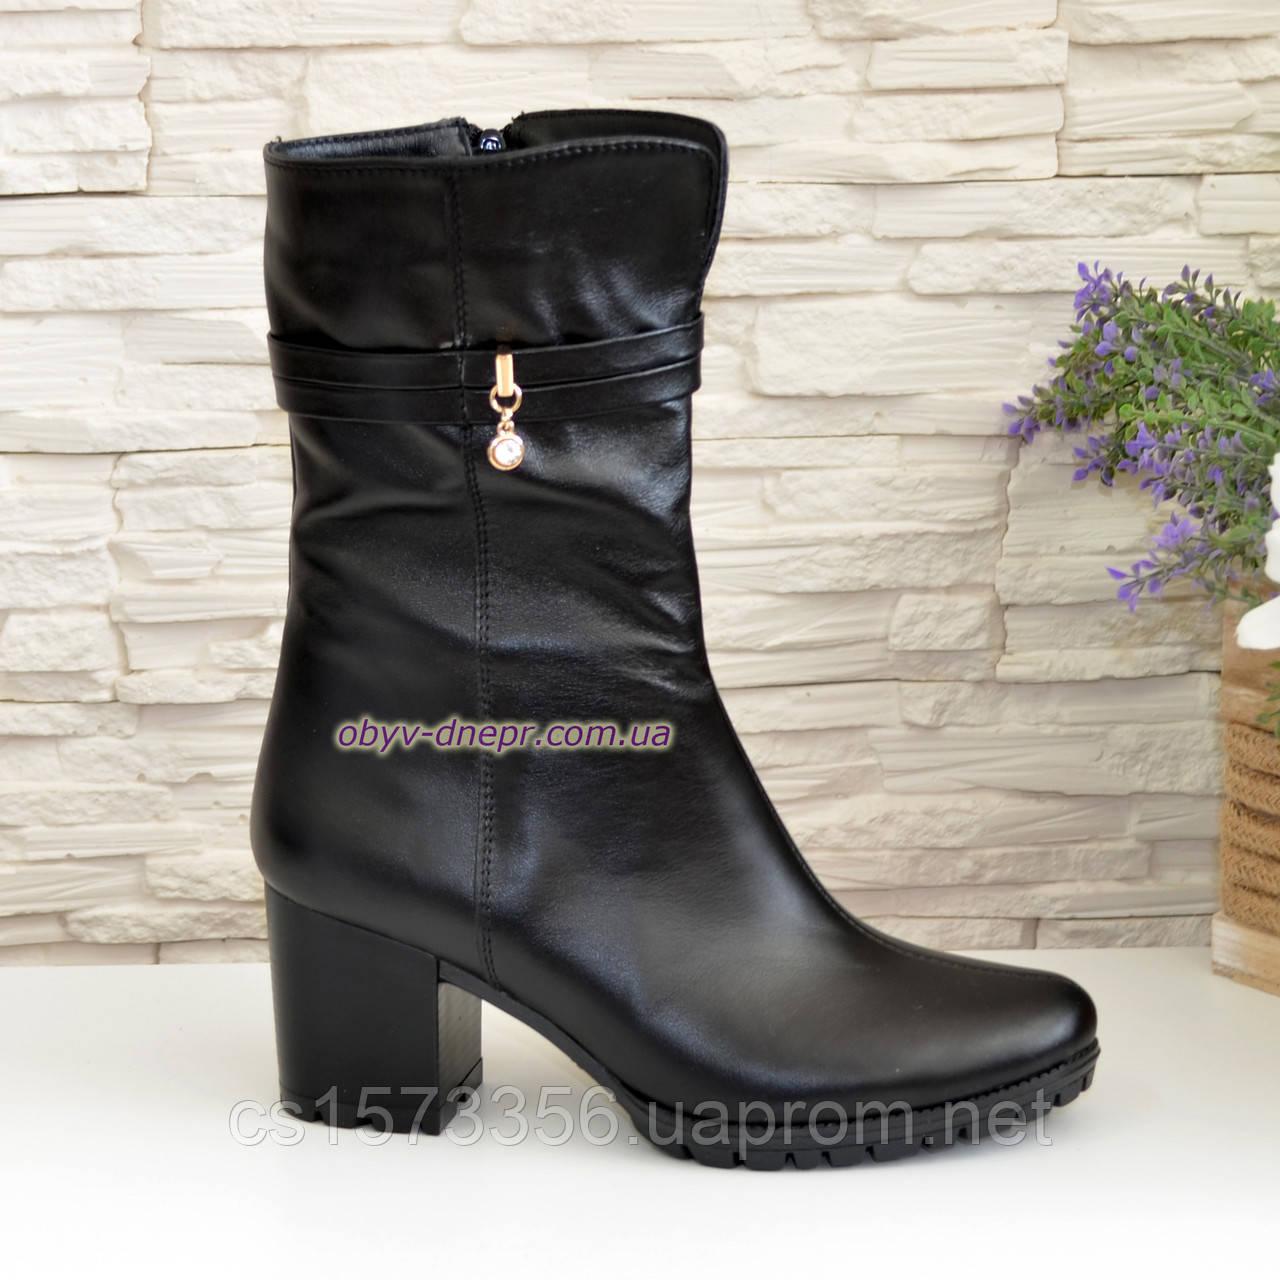 Ботинки женские кожаные демисезонные на устойчивом каблуке